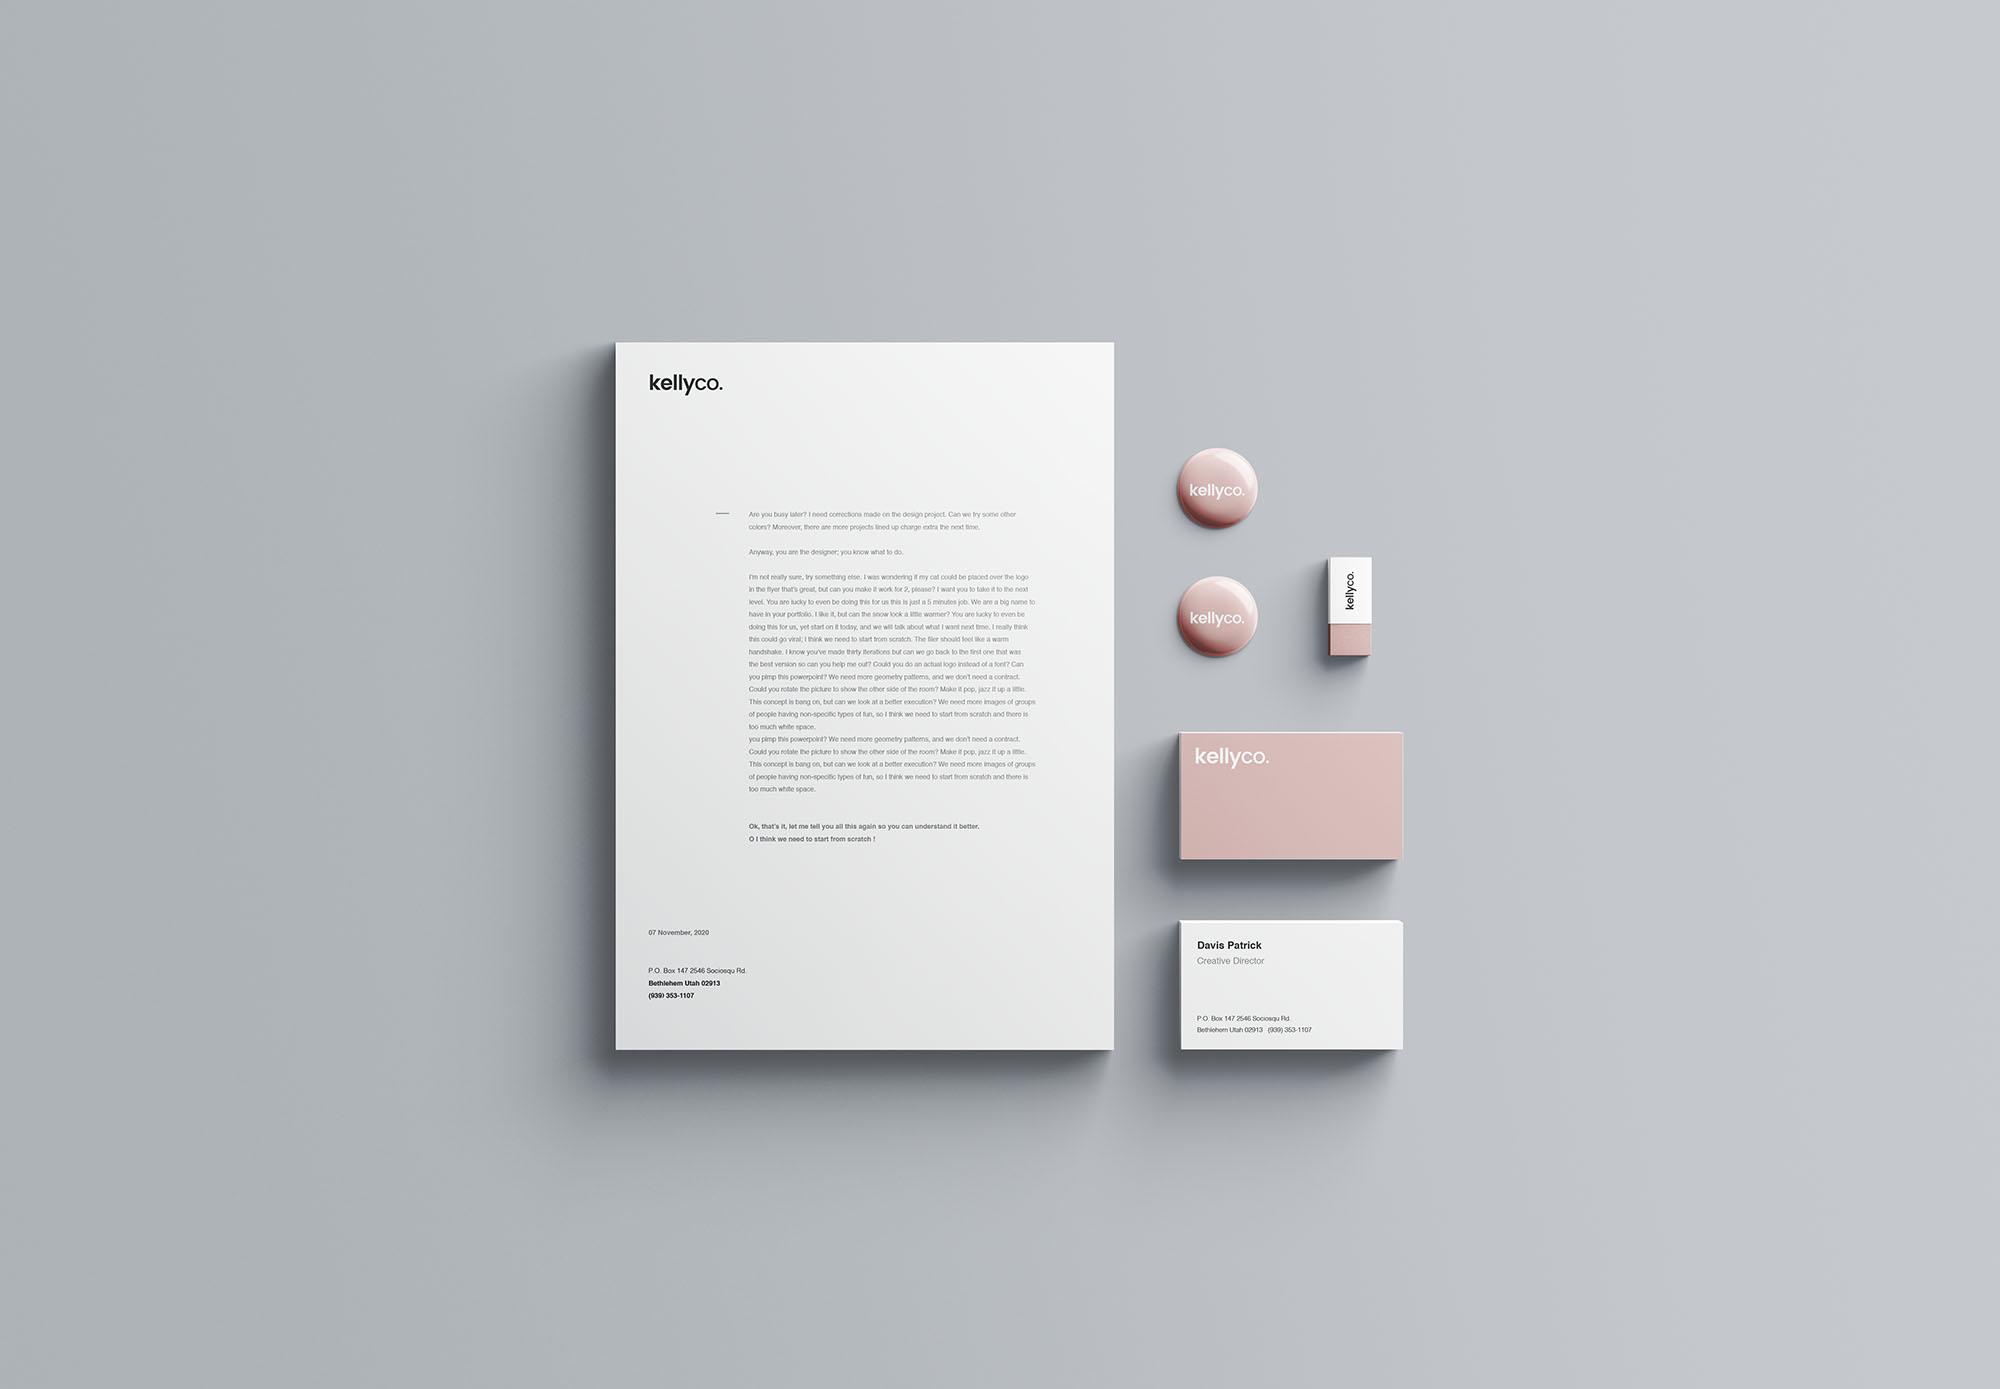 Branding-Mockup-Filters.jpg